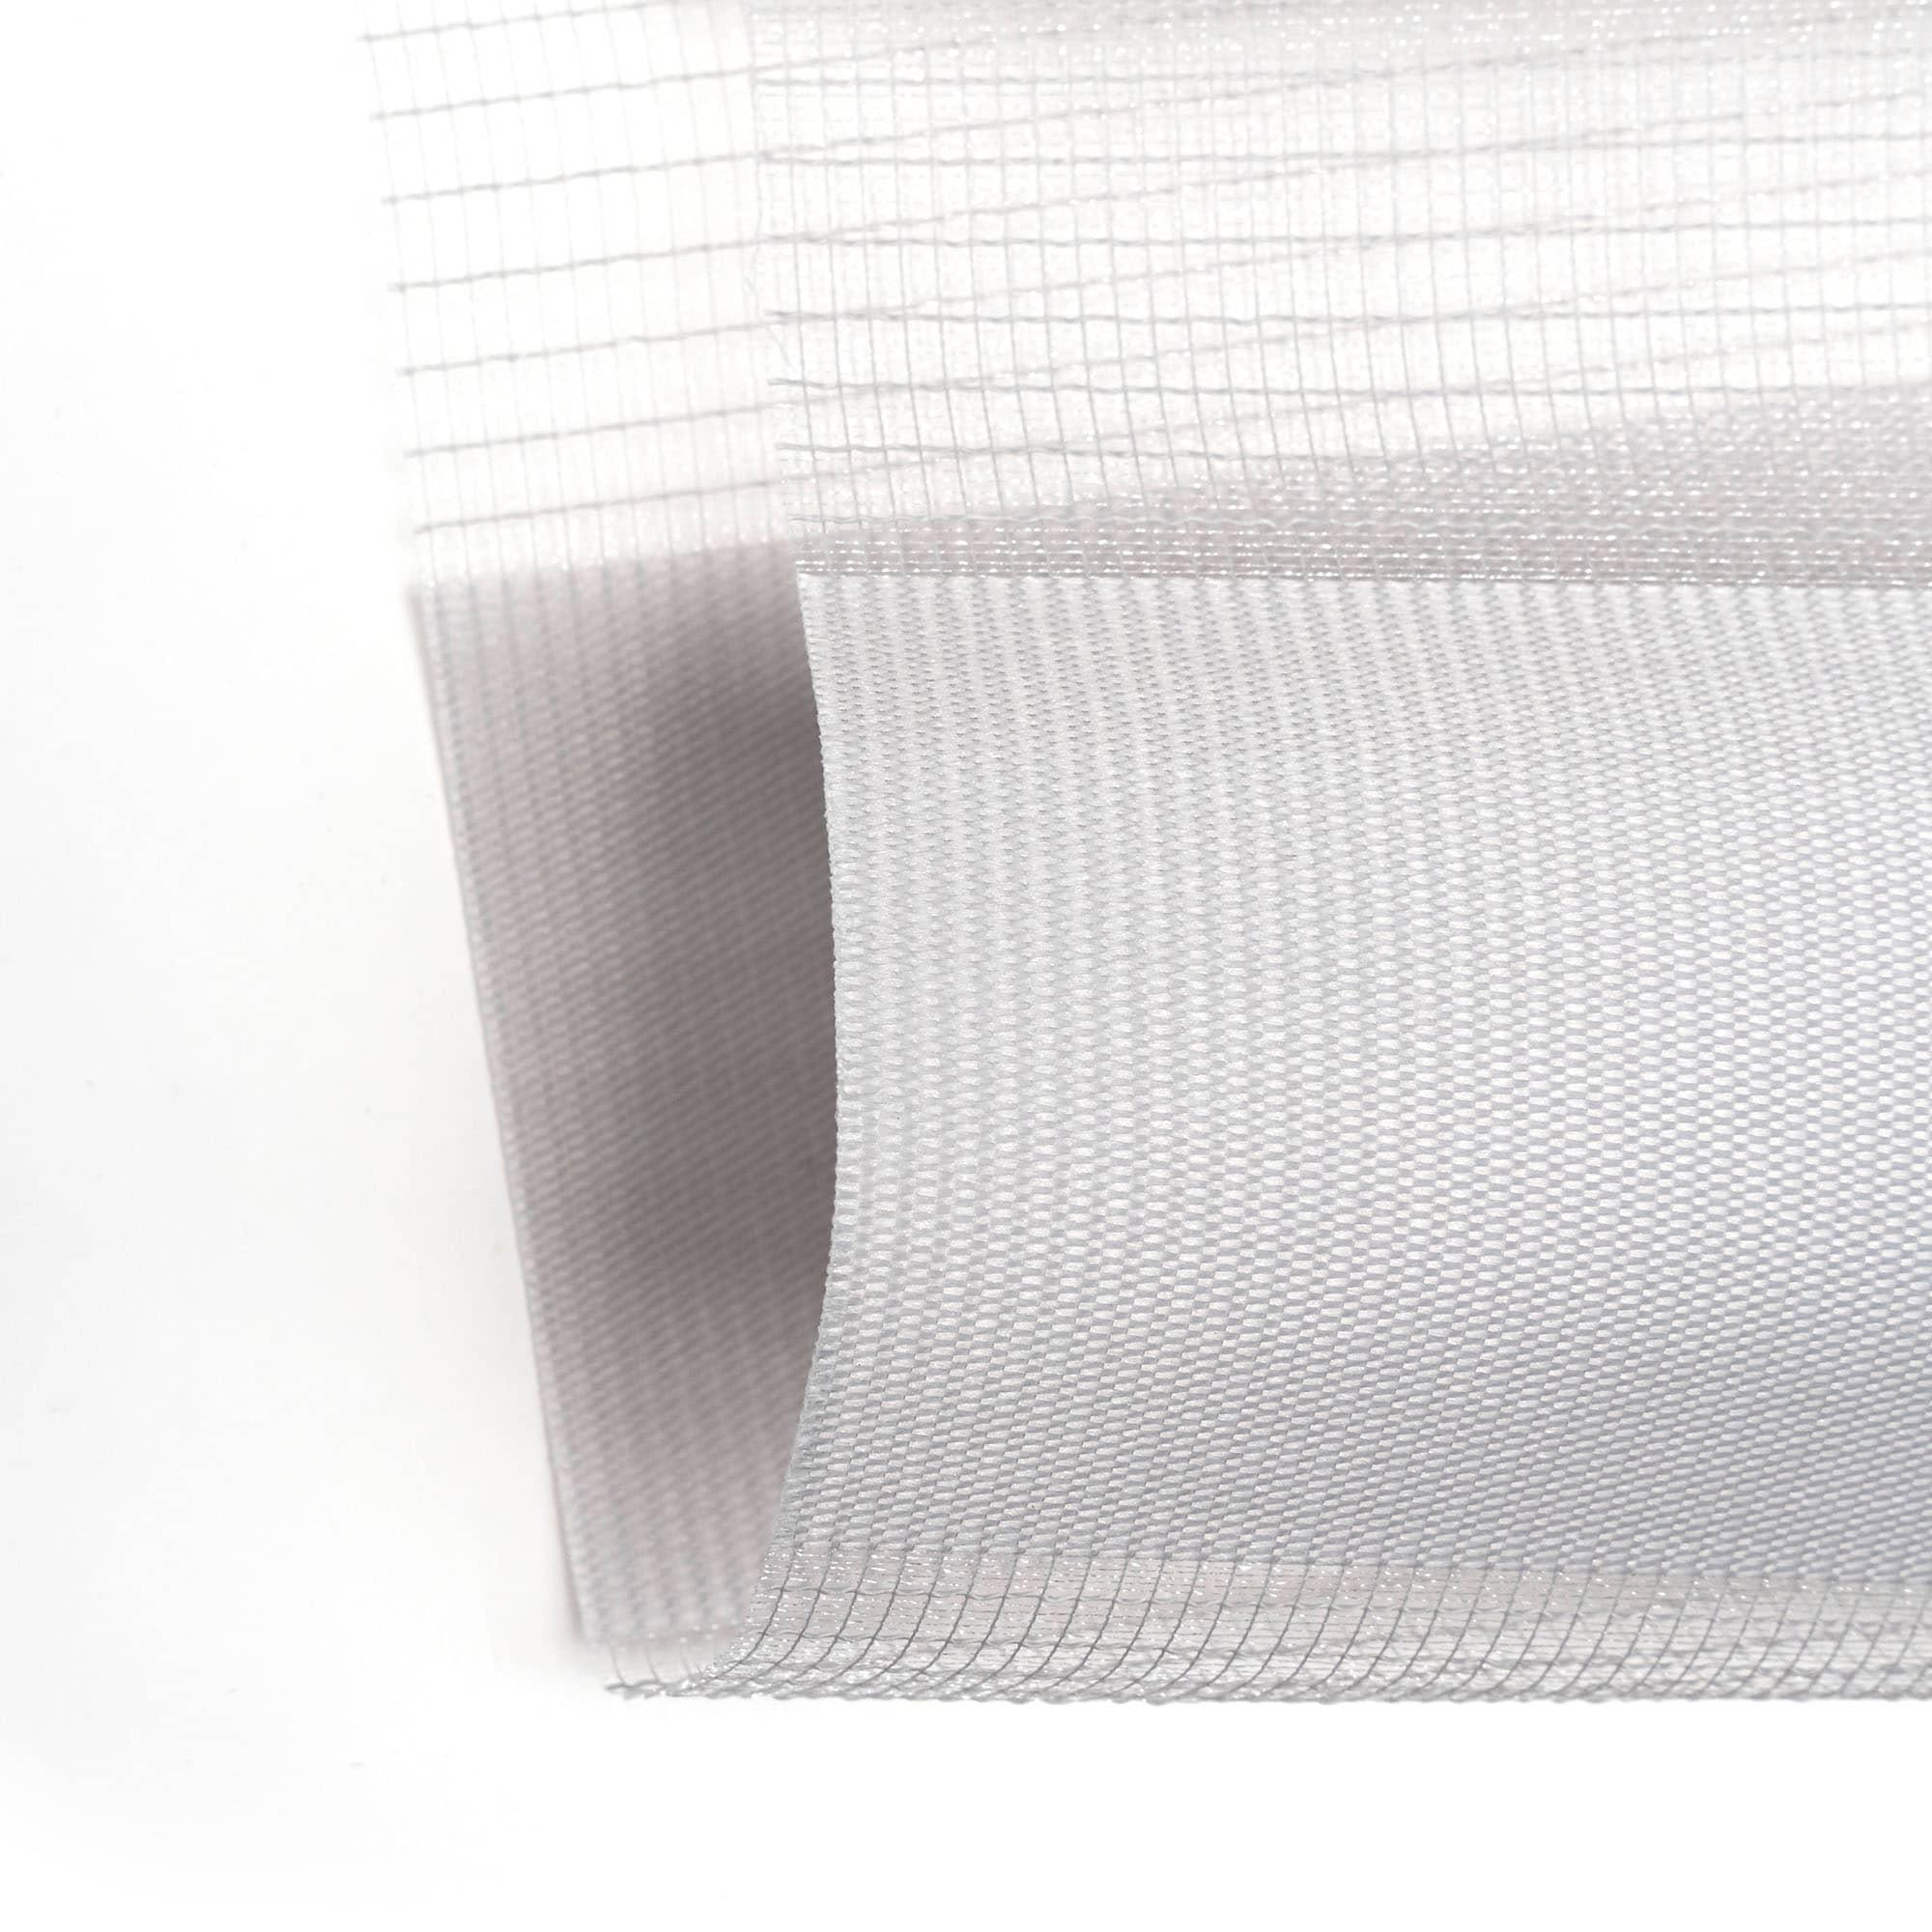 klemmfix doppelrollo duo rollo 80 x 150cm grau victoria m. Black Bedroom Furniture Sets. Home Design Ideas